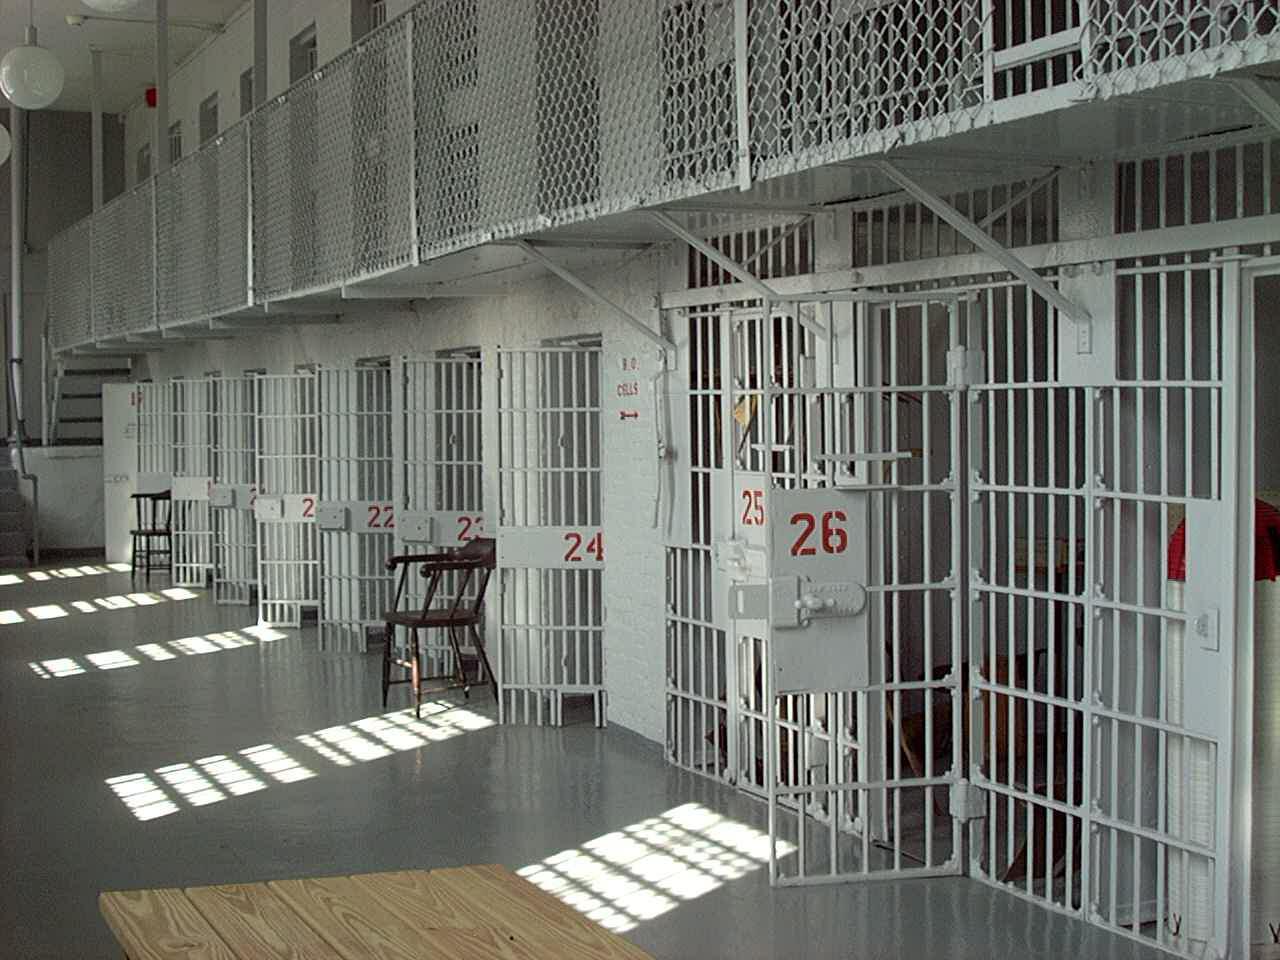 http://thyblackman.com/wp-content/uploads/2011/10/JailCell.jpg